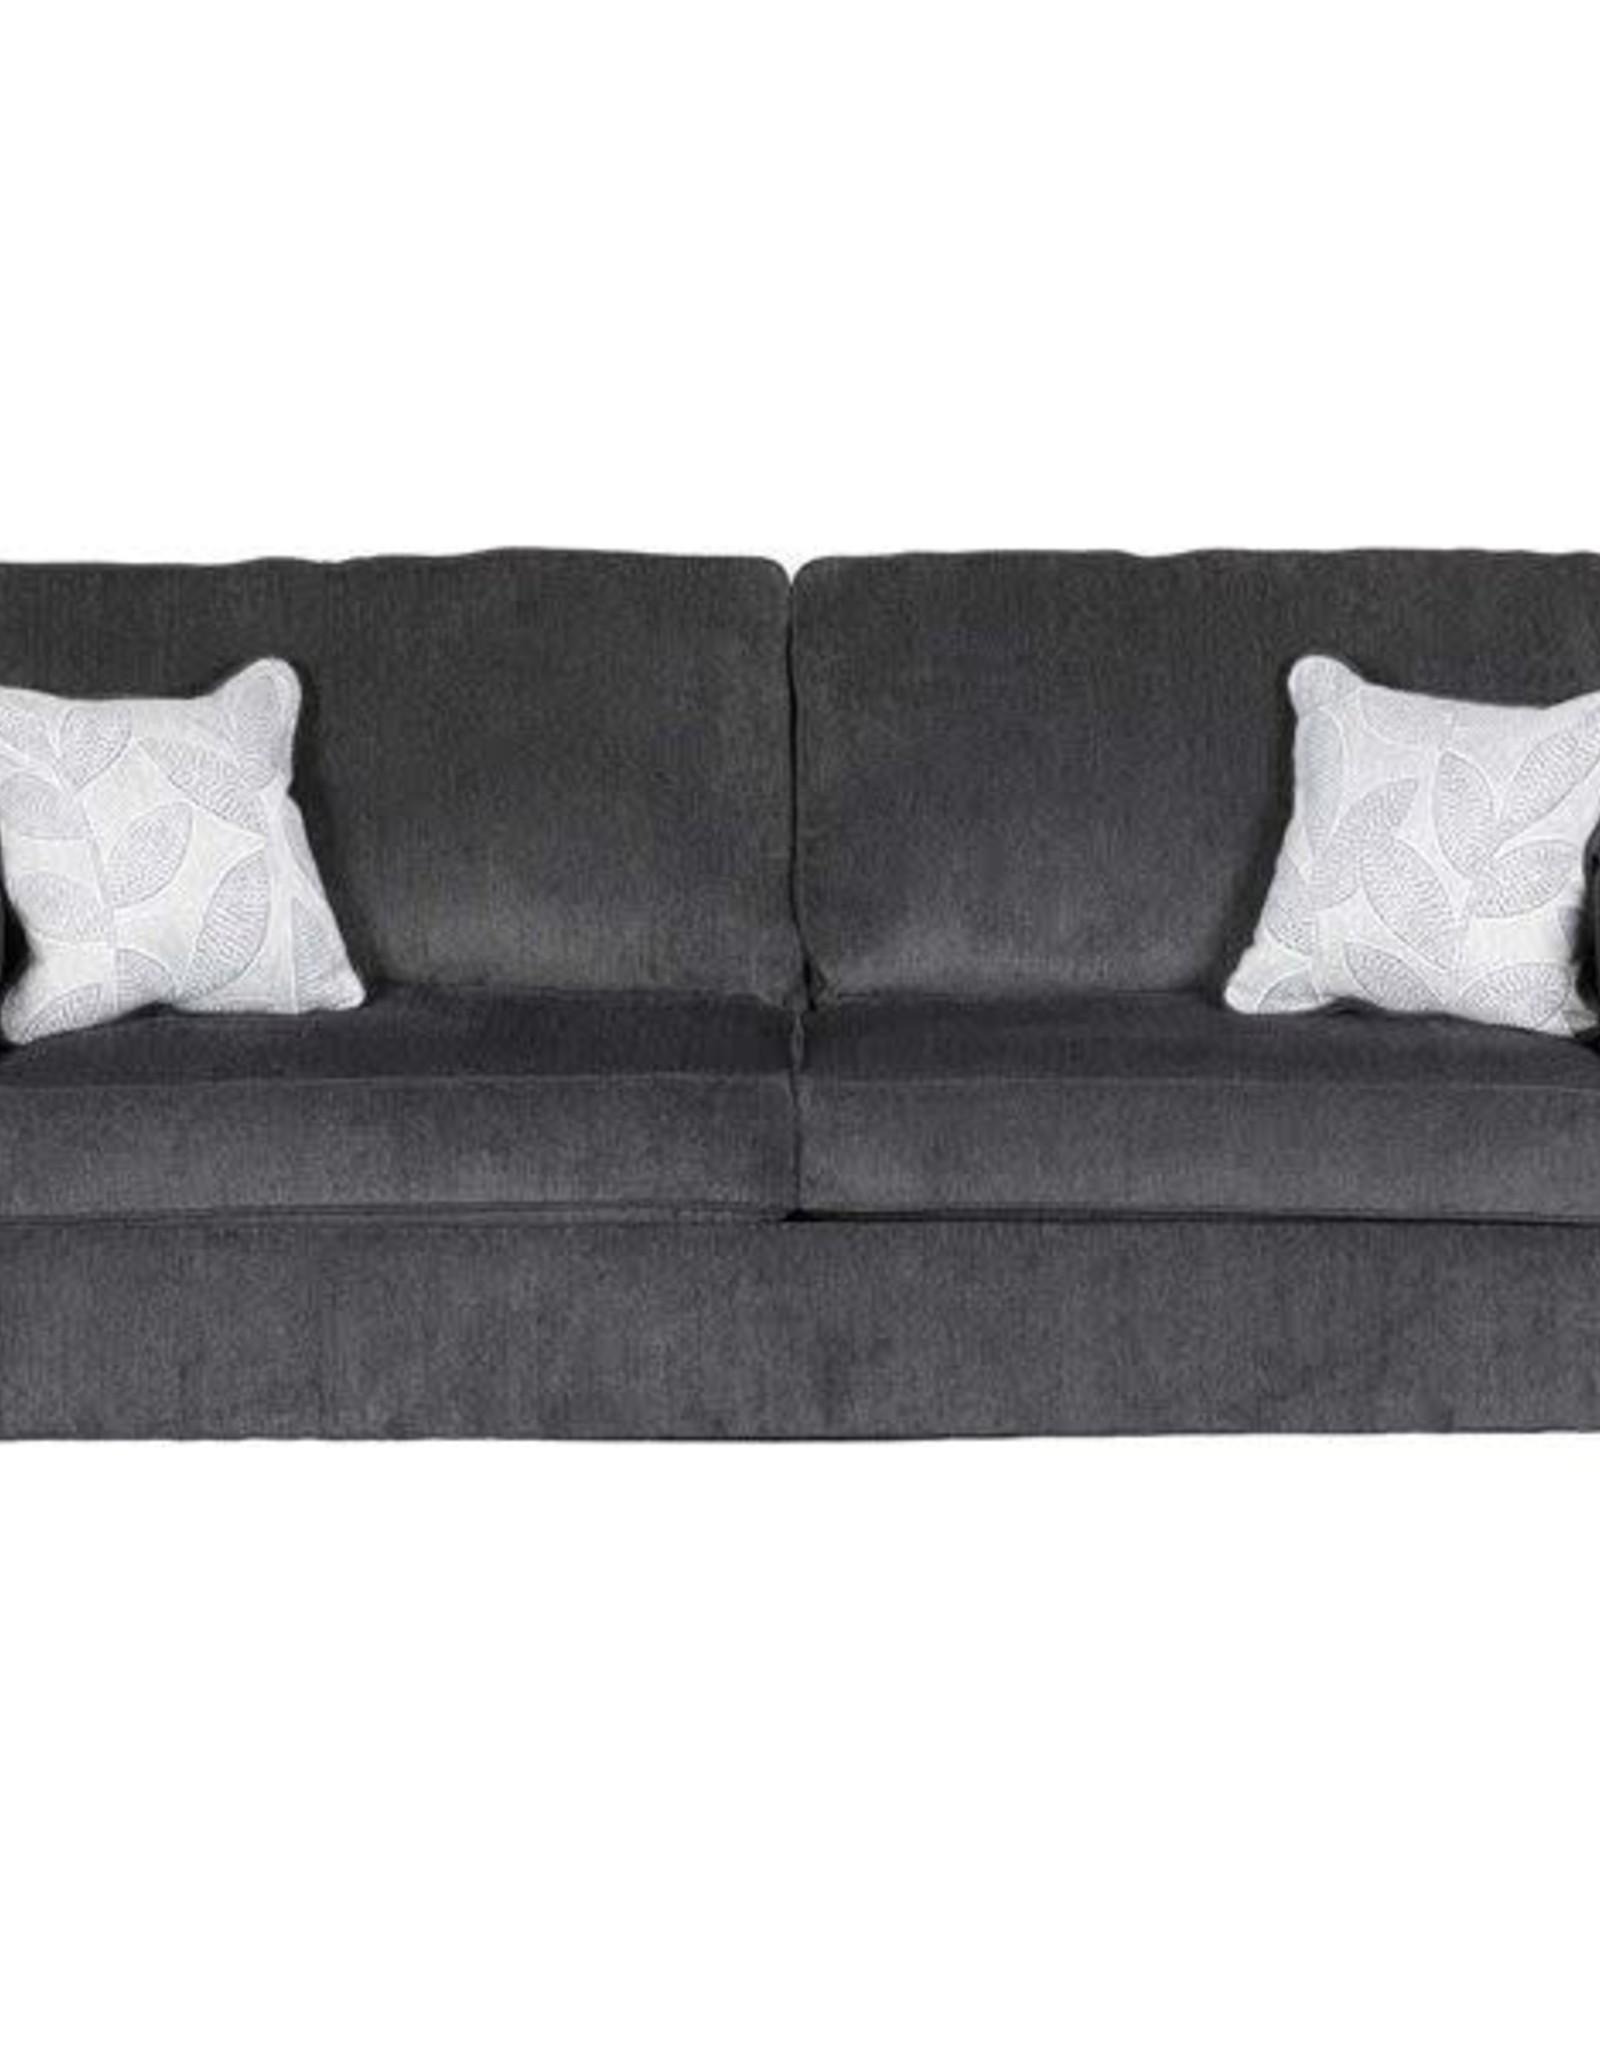 CLOSEOUT: Altari Sofa